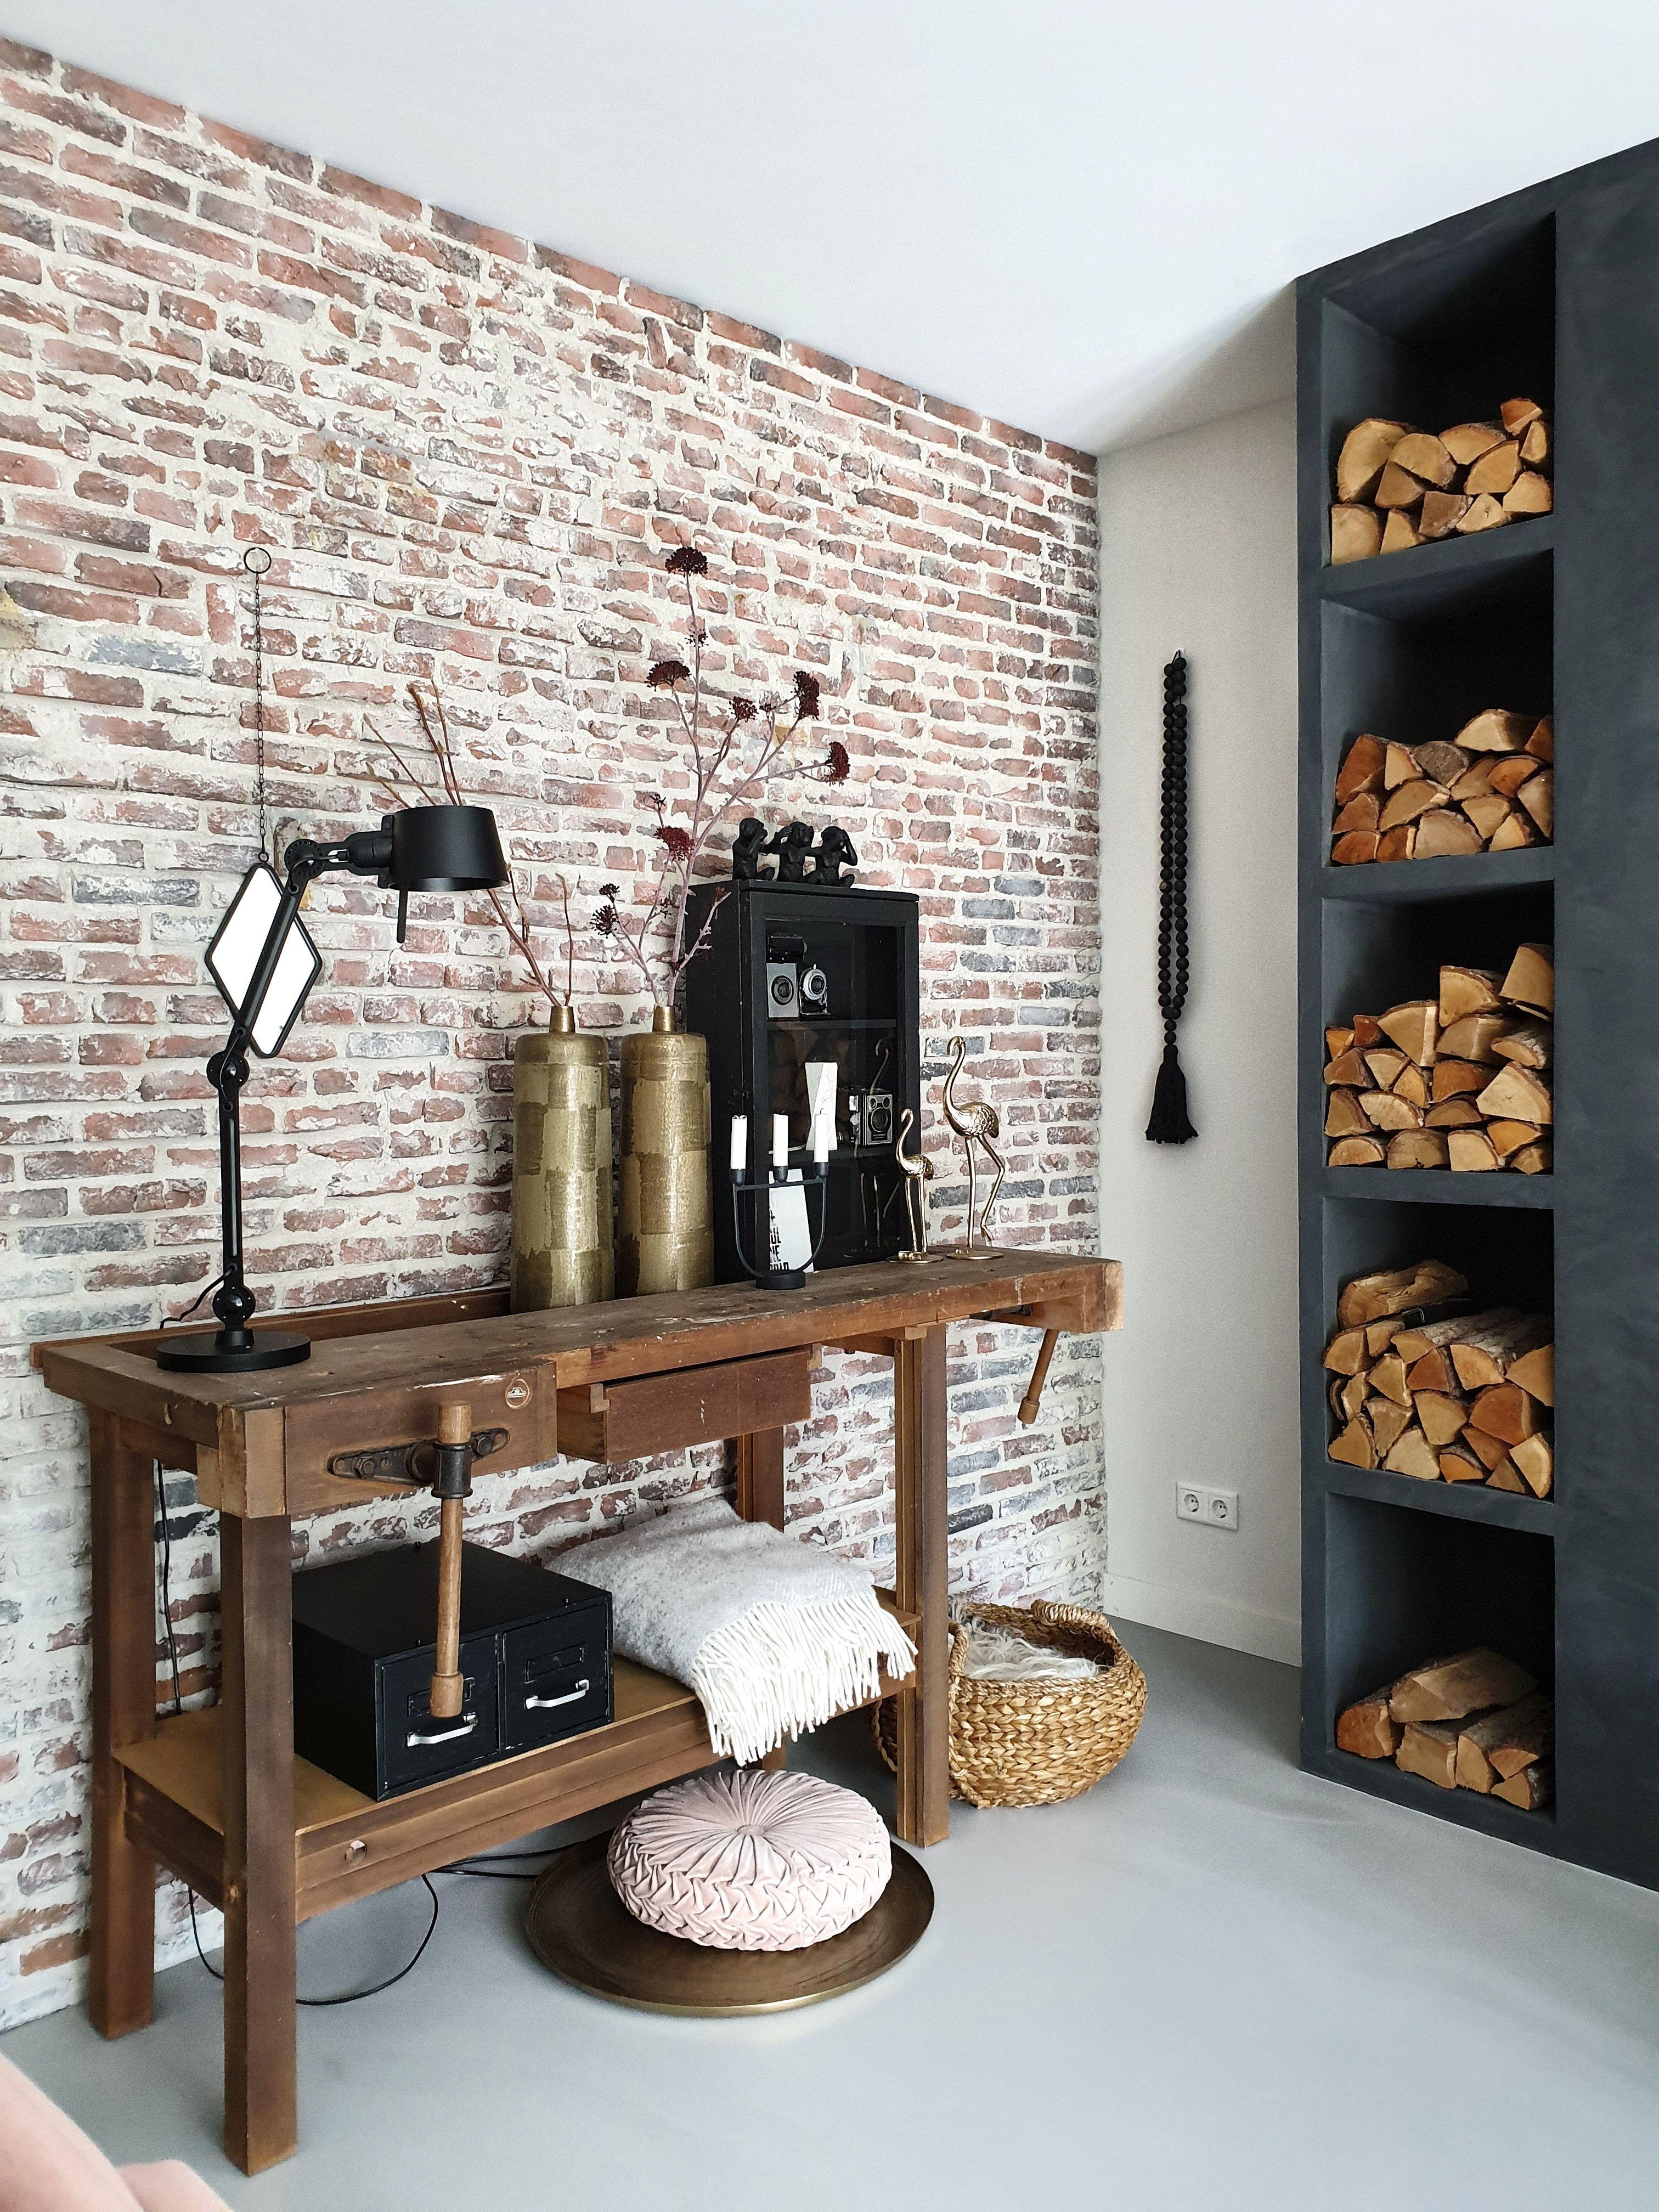 De Stenen Muur Geeft Een Natuurlijk Gevoel The Brick Wall Gives A Natural Feeling Brick Vintag Woonkamer Indeling Interieur Bakstenen Muren Keukendecoratie